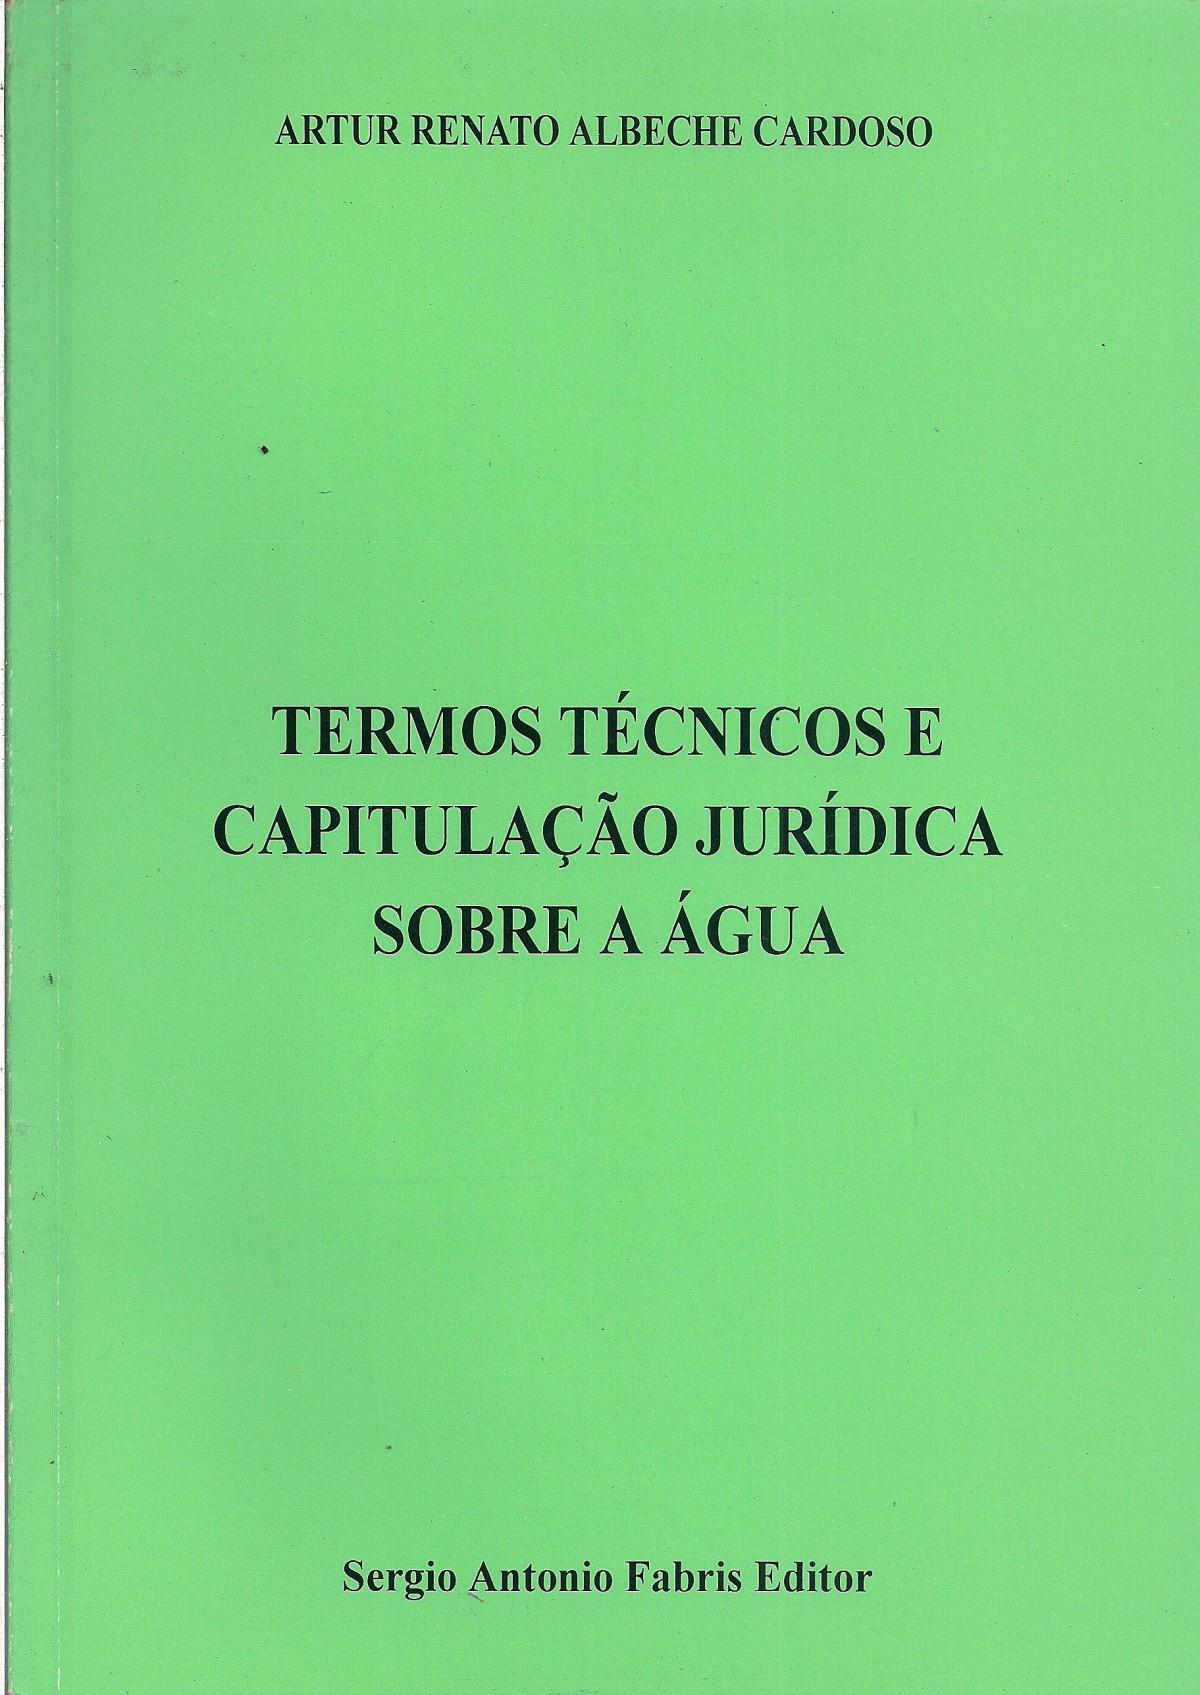 Foto 1 - Termos Técnicos e Capitulação Jurídica sobre a Água